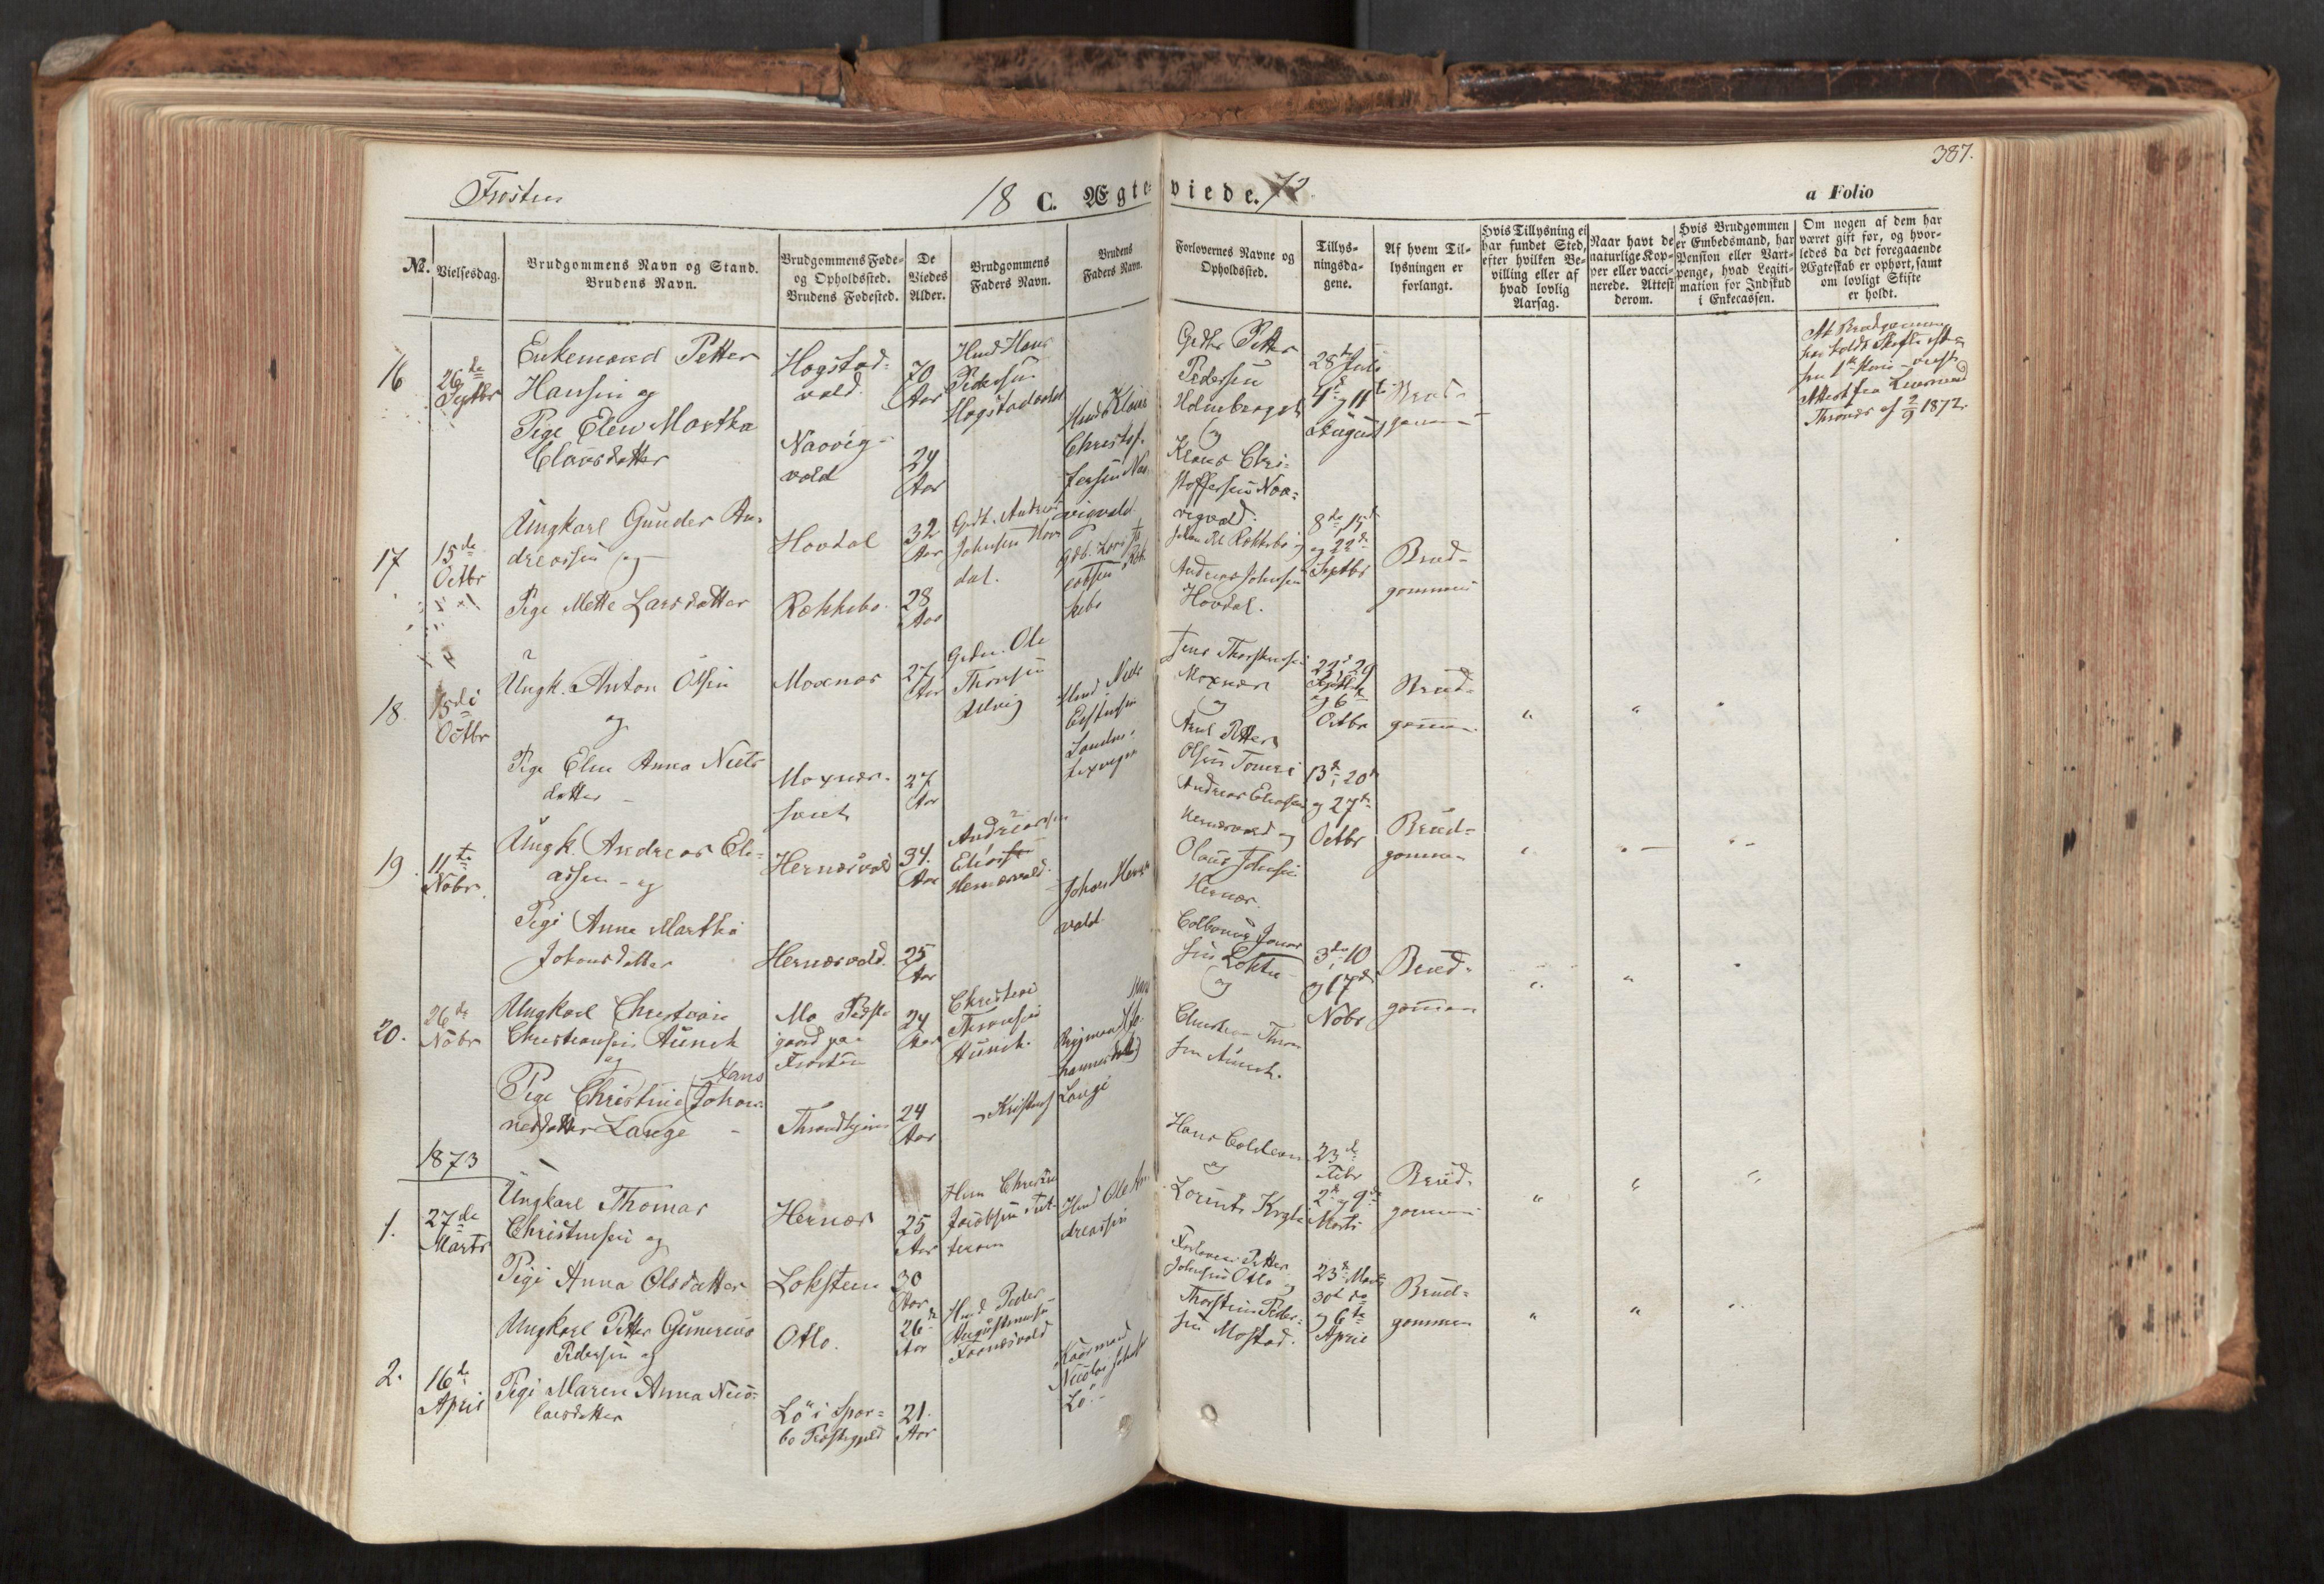 SAT, Ministerialprotokoller, klokkerbøker og fødselsregistre - Nord-Trøndelag, 713/L0116: Ministerialbok nr. 713A07, 1850-1877, s. 387